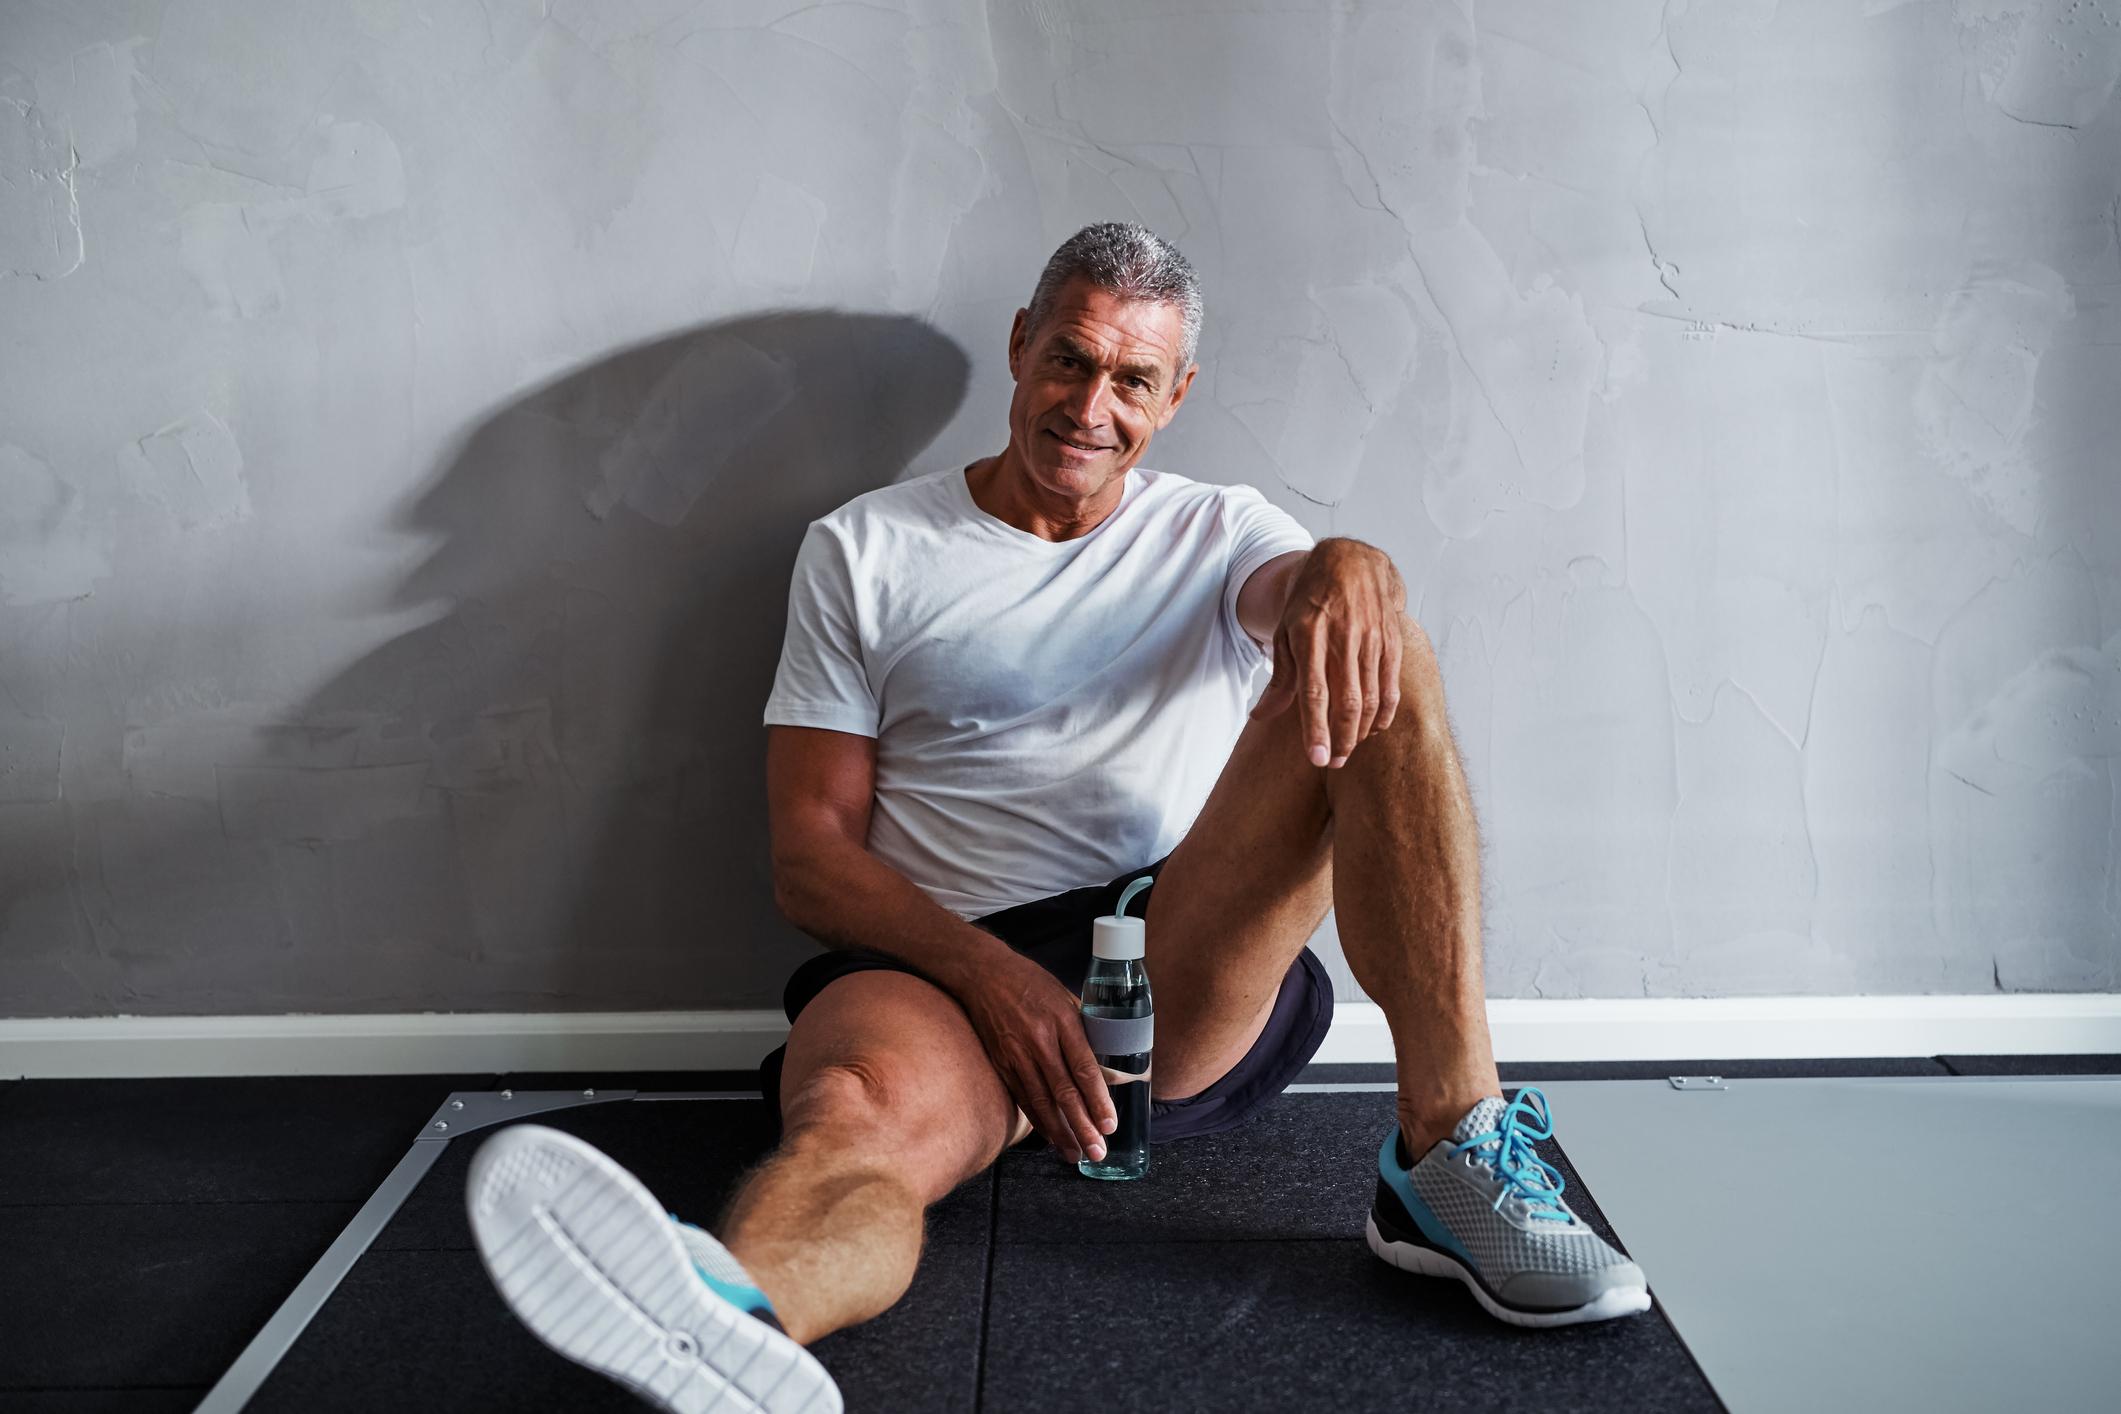 Jedan od pet muškaraca u dobi preko 50 godina iskusit će prijelom kosti uzrokovan upravo osteoporozom.